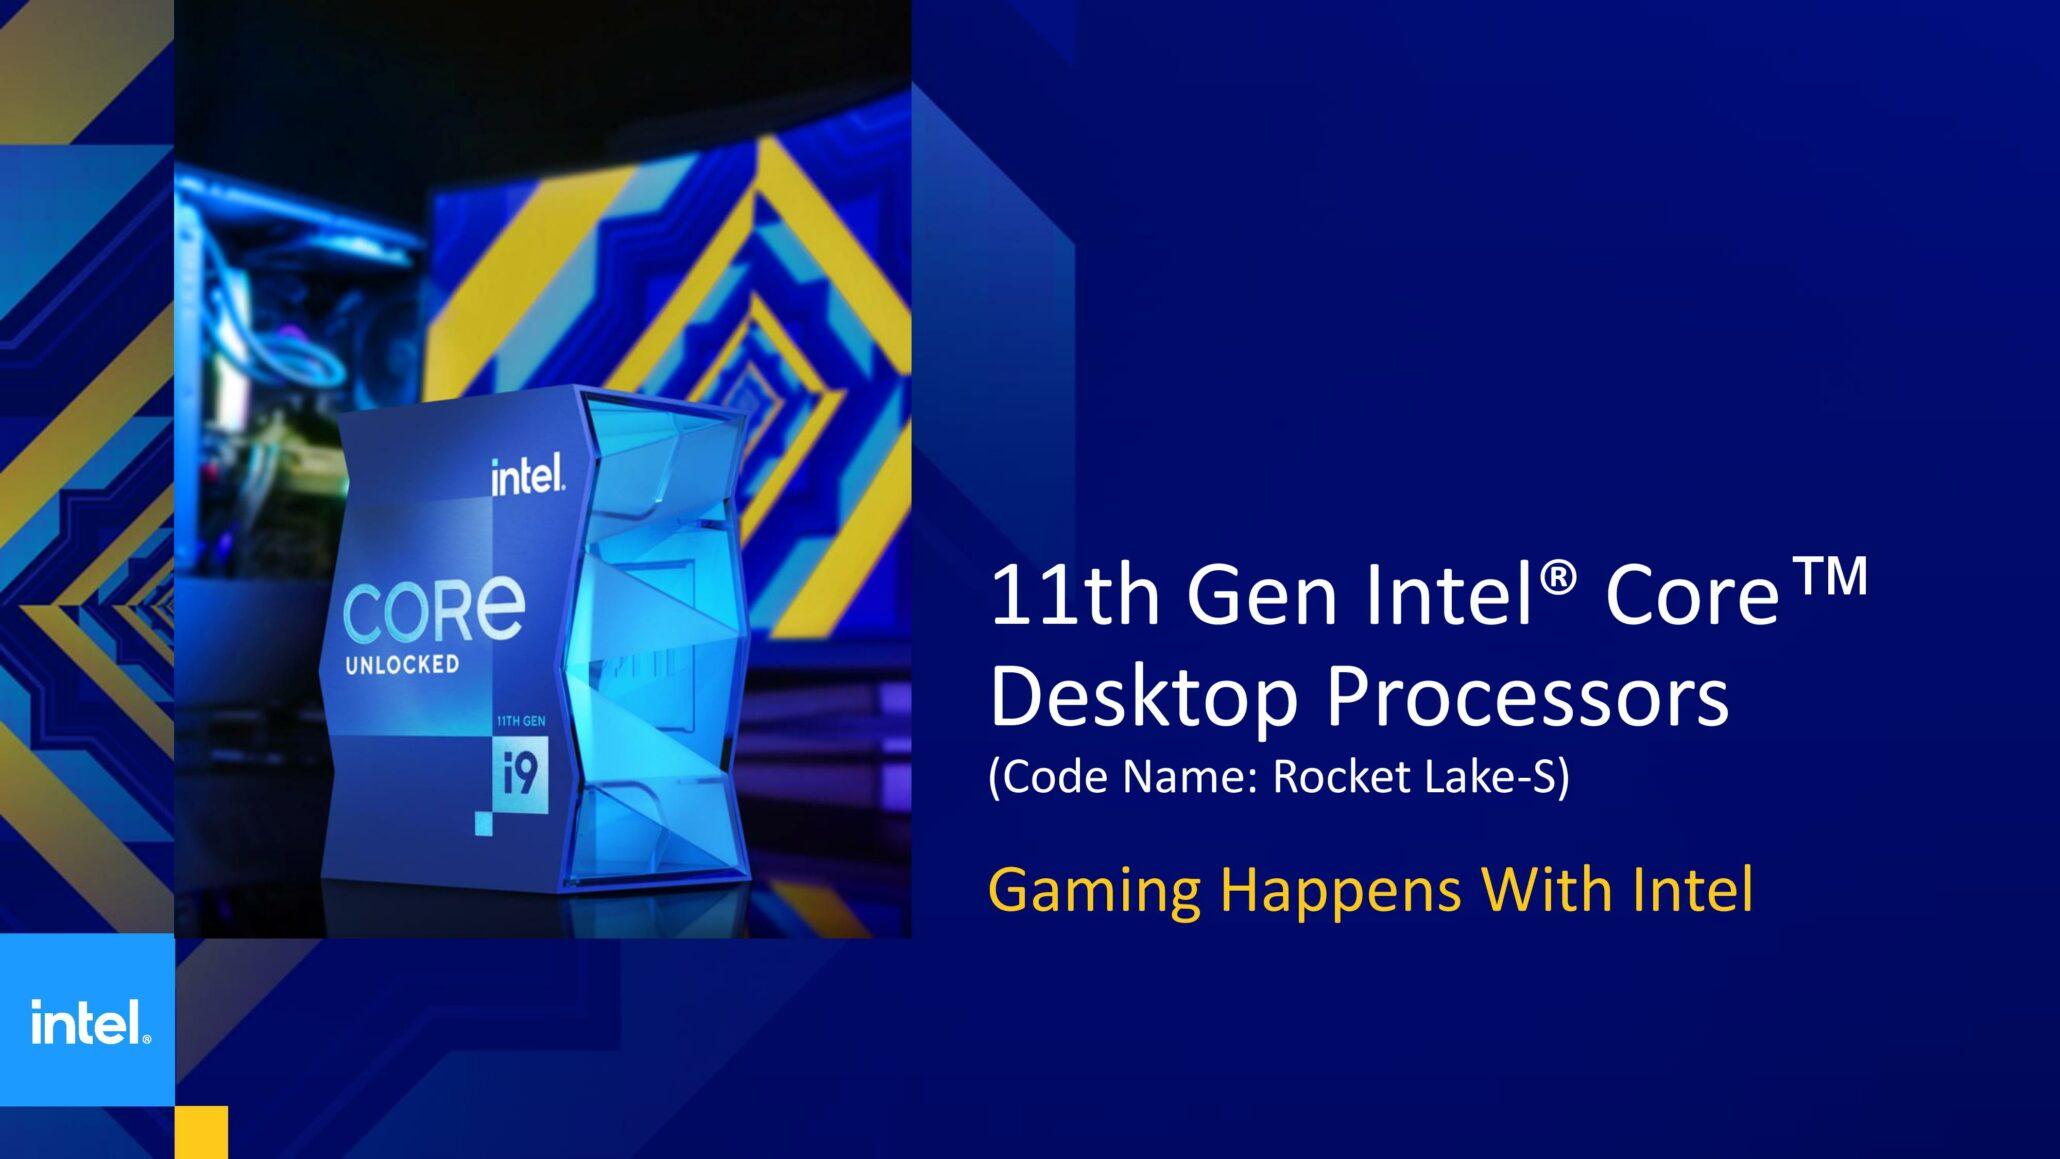 Intel Memperkenalkan 11th Generation 'Rocket Lake' Desktop Processors Dengan Peningkatan IPC 19%